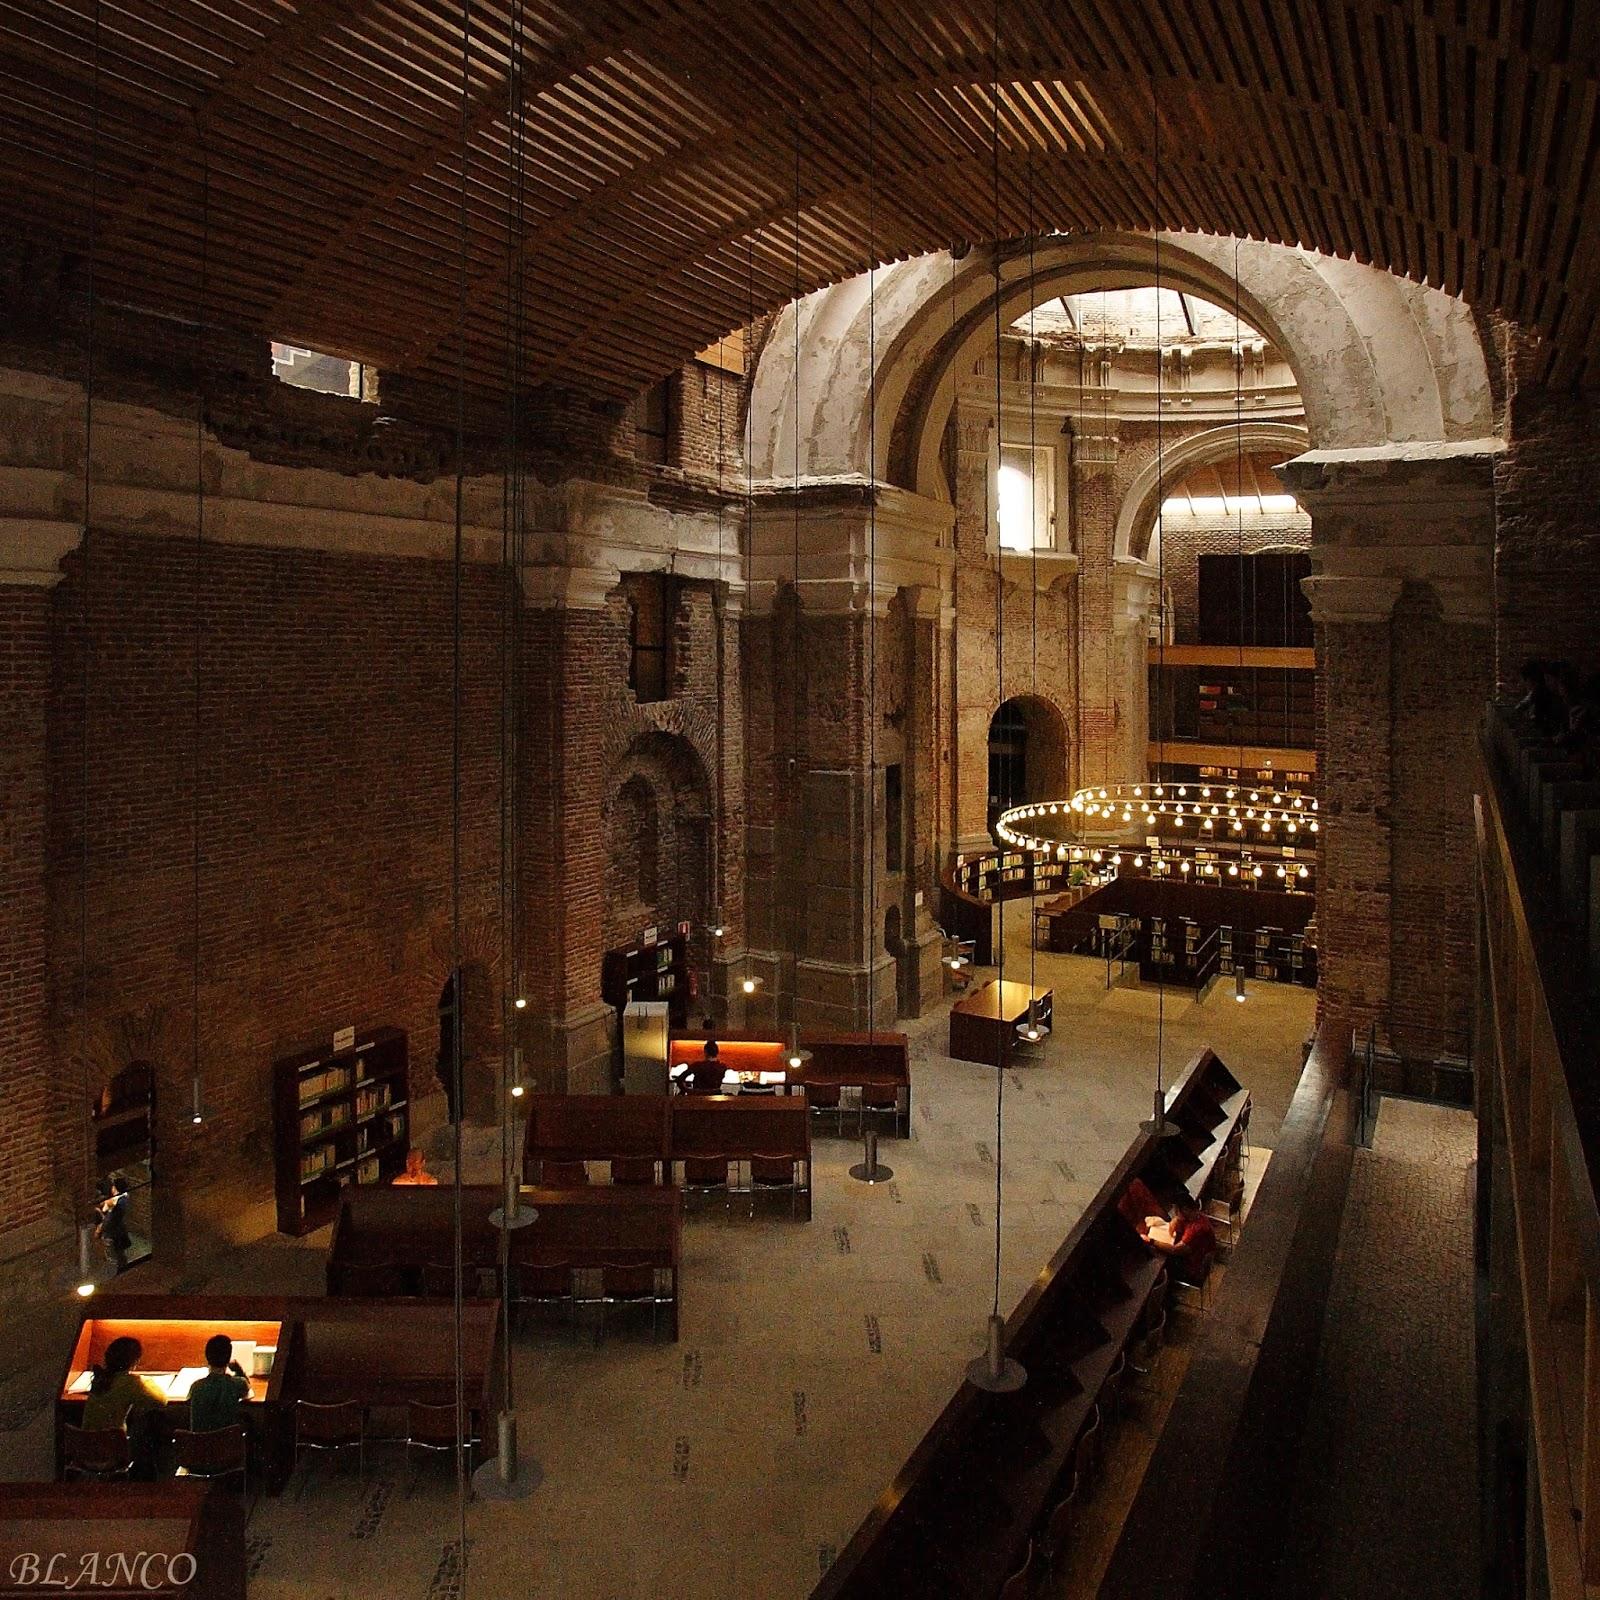 Madrid en foto escuelas p as de san fernando biblioteca for Biblioteca uned